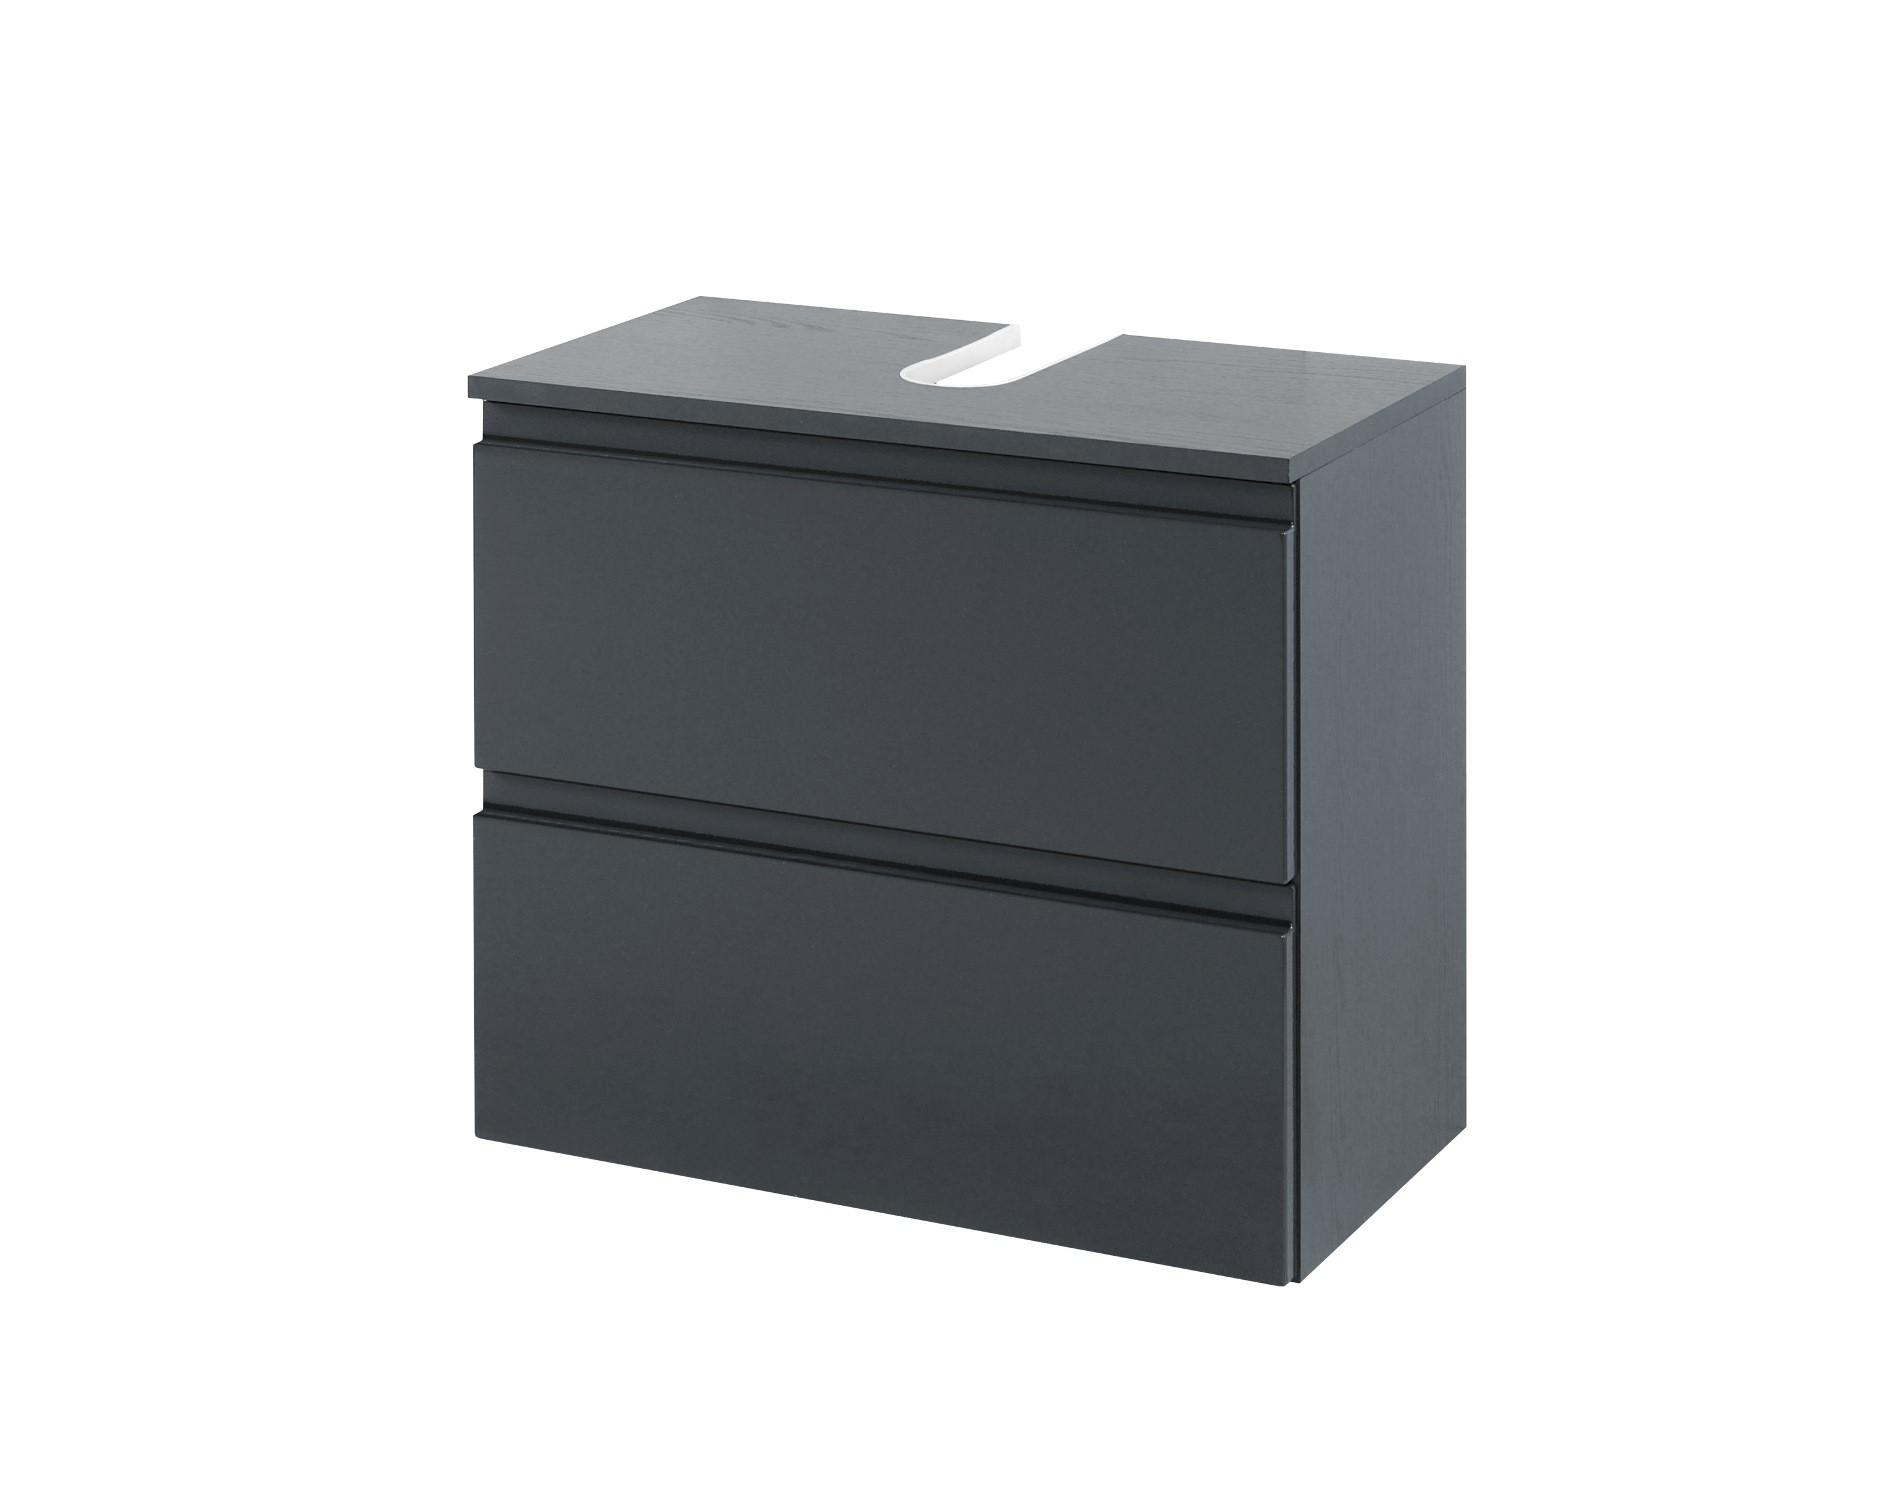 bad waschbeckenunterschrank cardiff 1 auszug 1 klappe 60 cm breit hochglanz grau bad. Black Bedroom Furniture Sets. Home Design Ideas